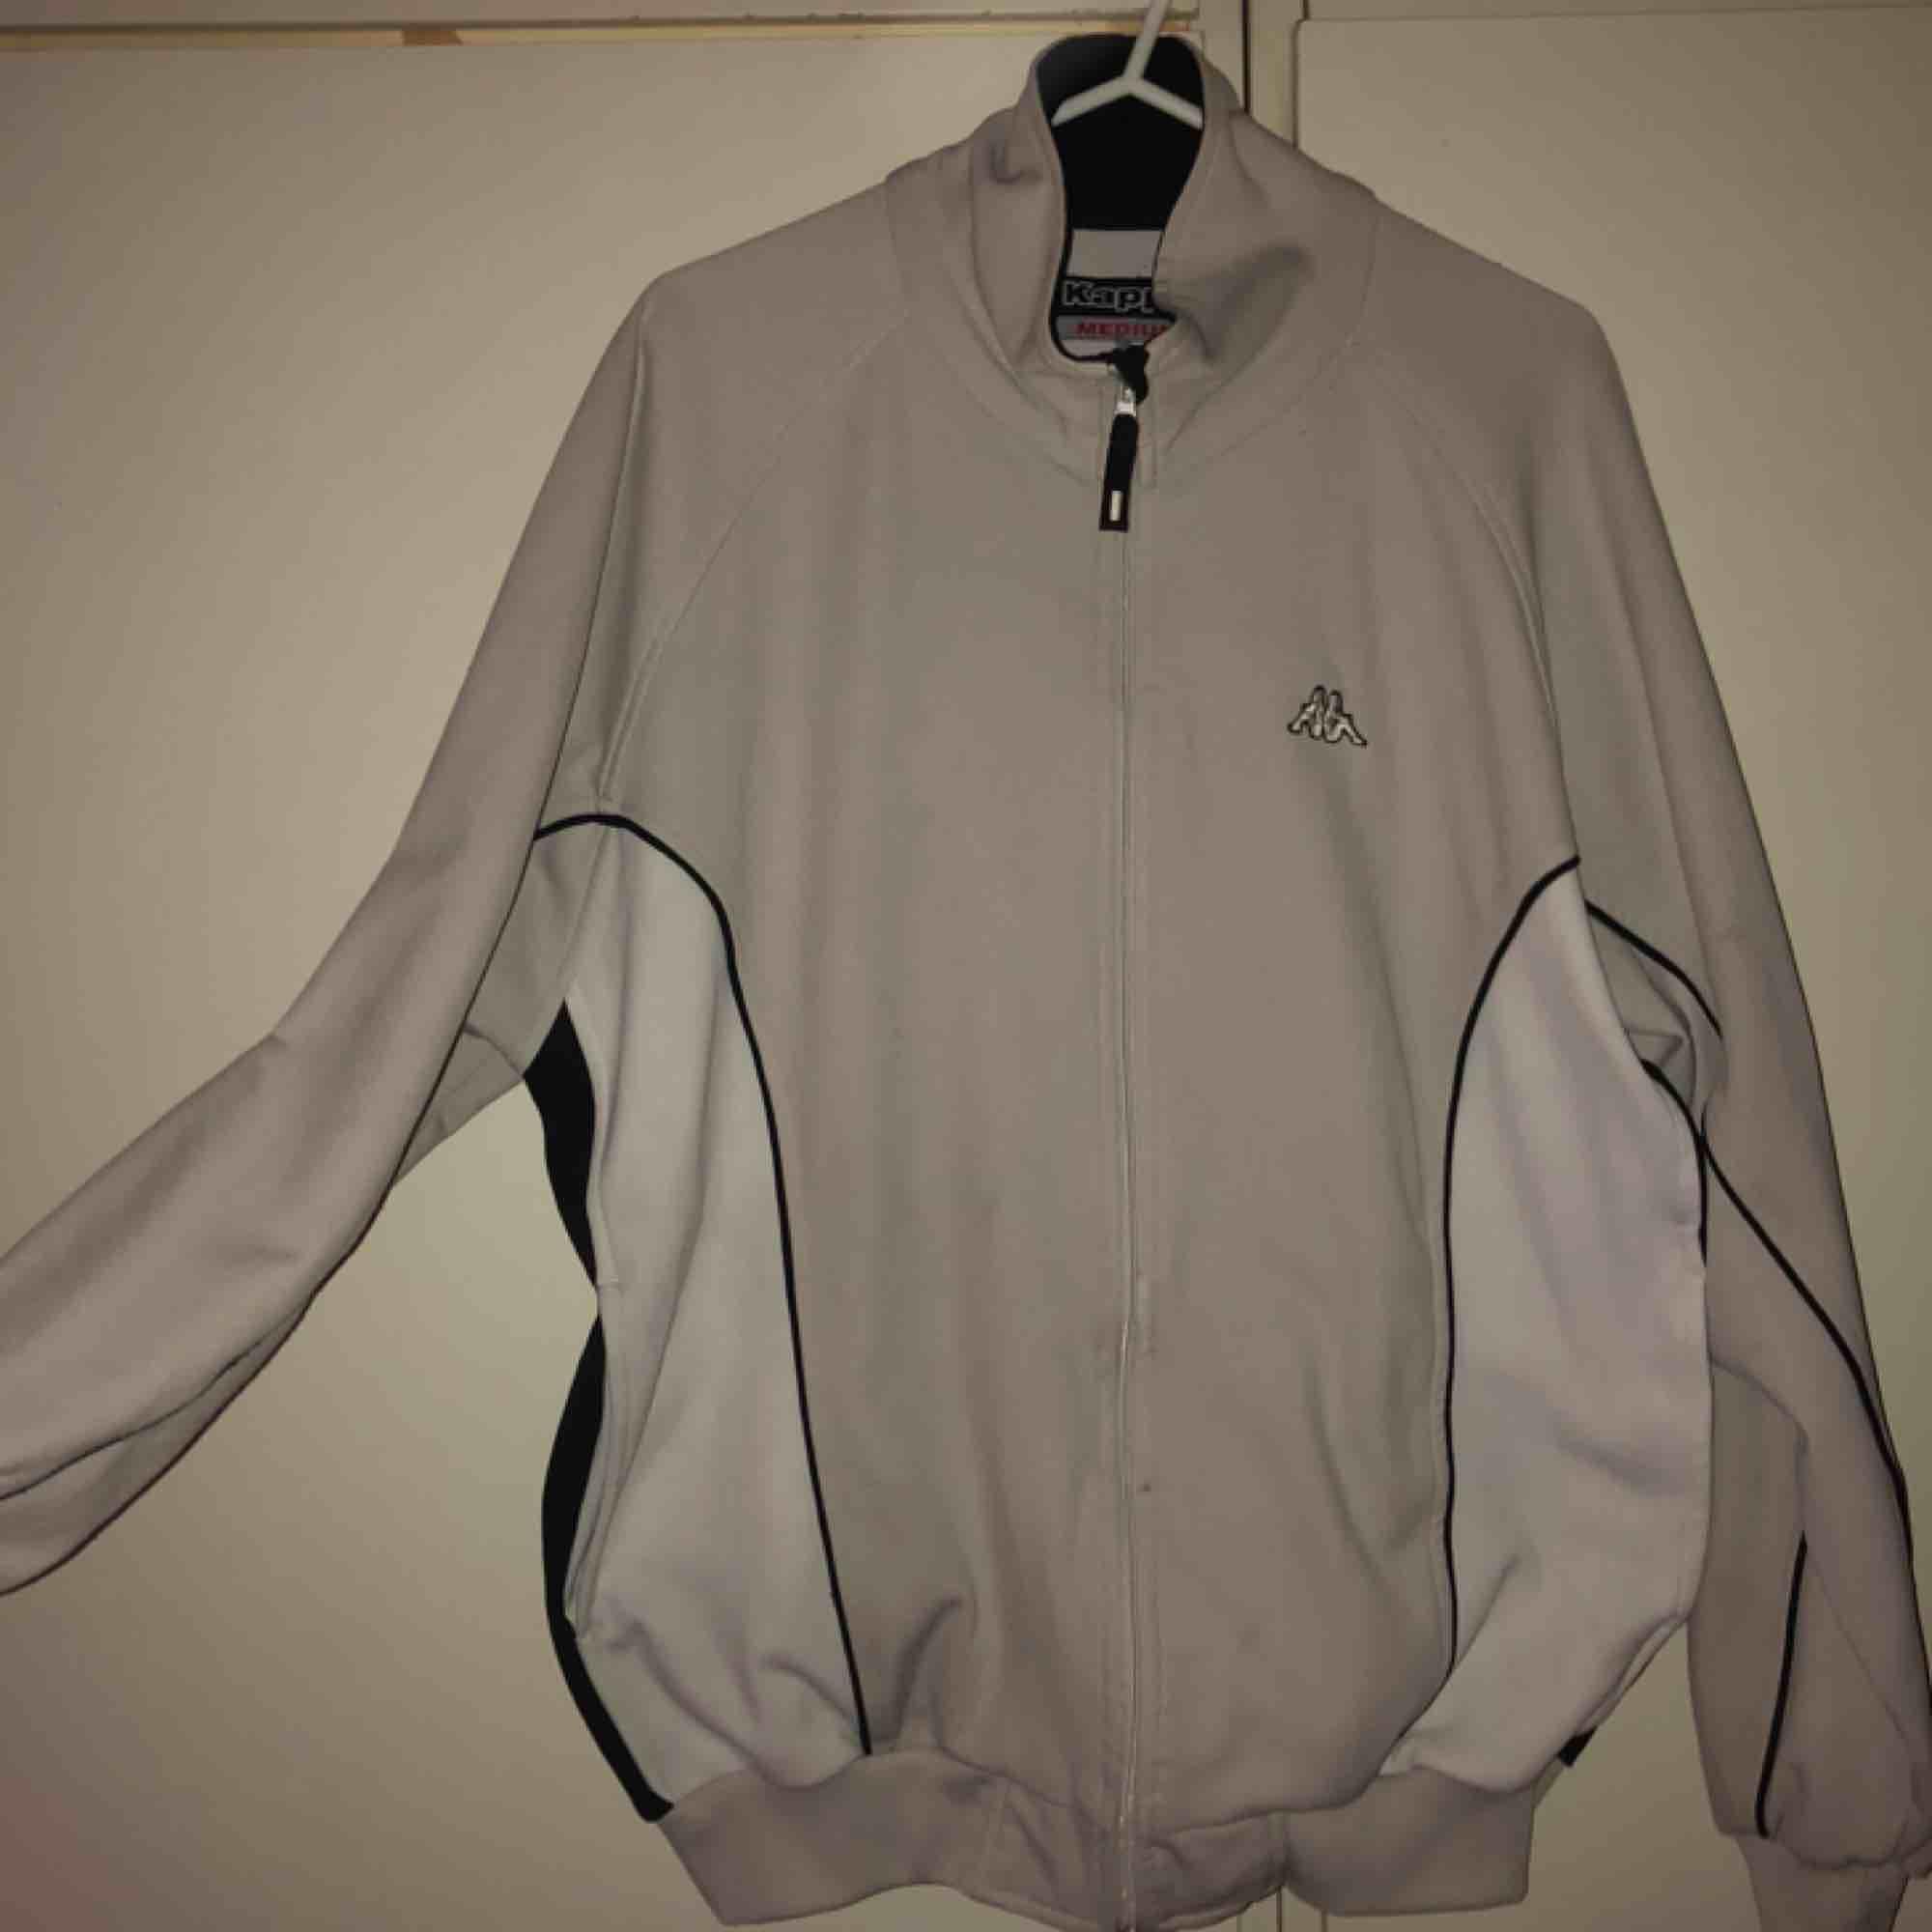 skitkattig sweatshirt m zip från kappa! 💕😻👌 köpt på humana. har ett litet brännmärke precis bredvid dragkedjan som knappt syns. Huvtröjor & Träningströjor.